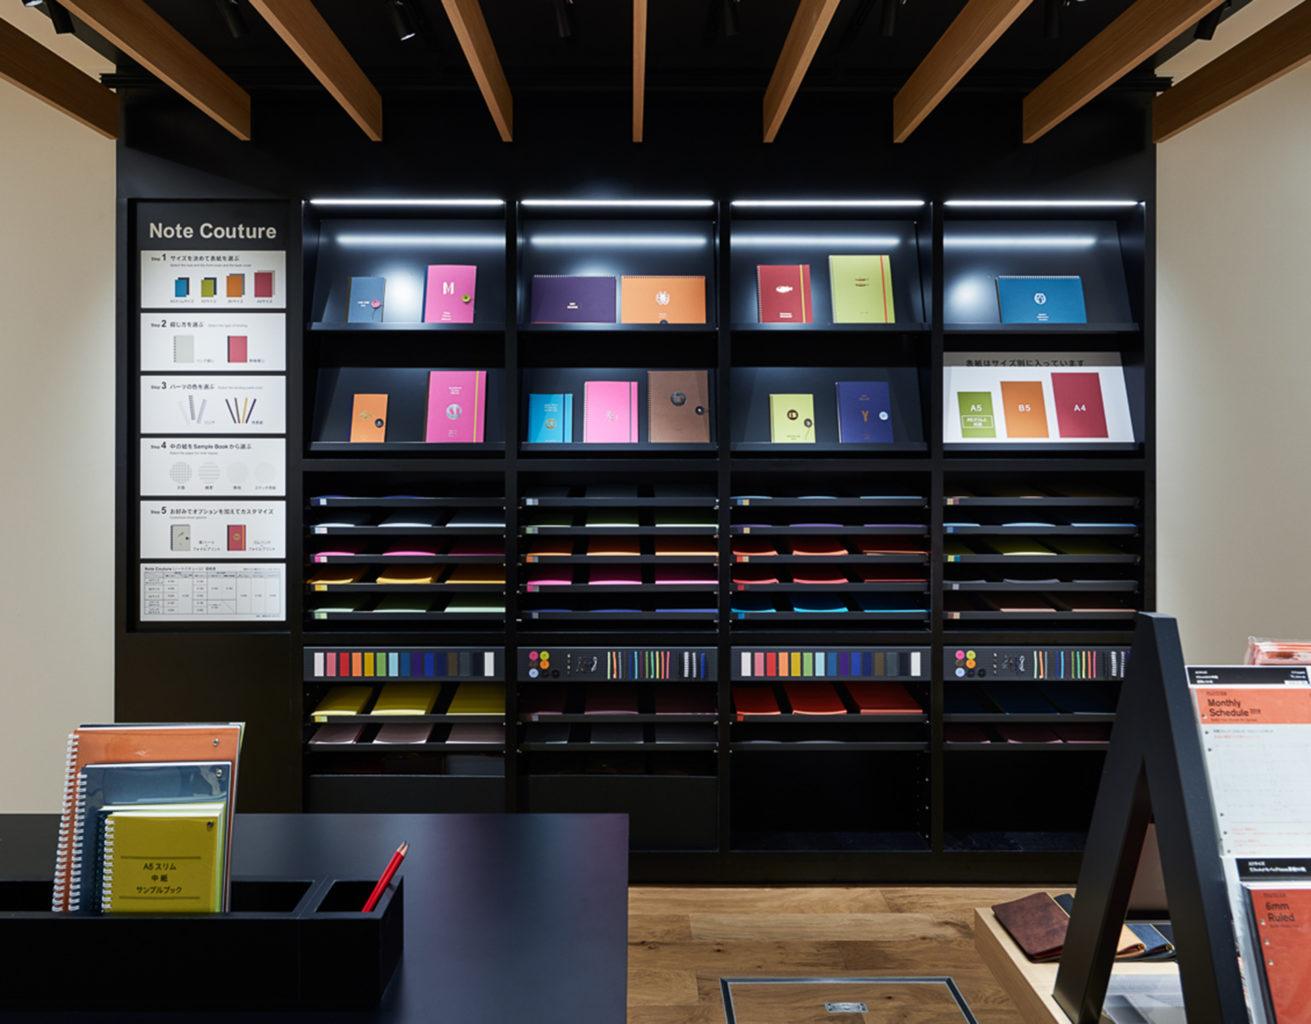 銀座伊東屋横浜元町1階:オリジナルノートを作れる「Note Couture」